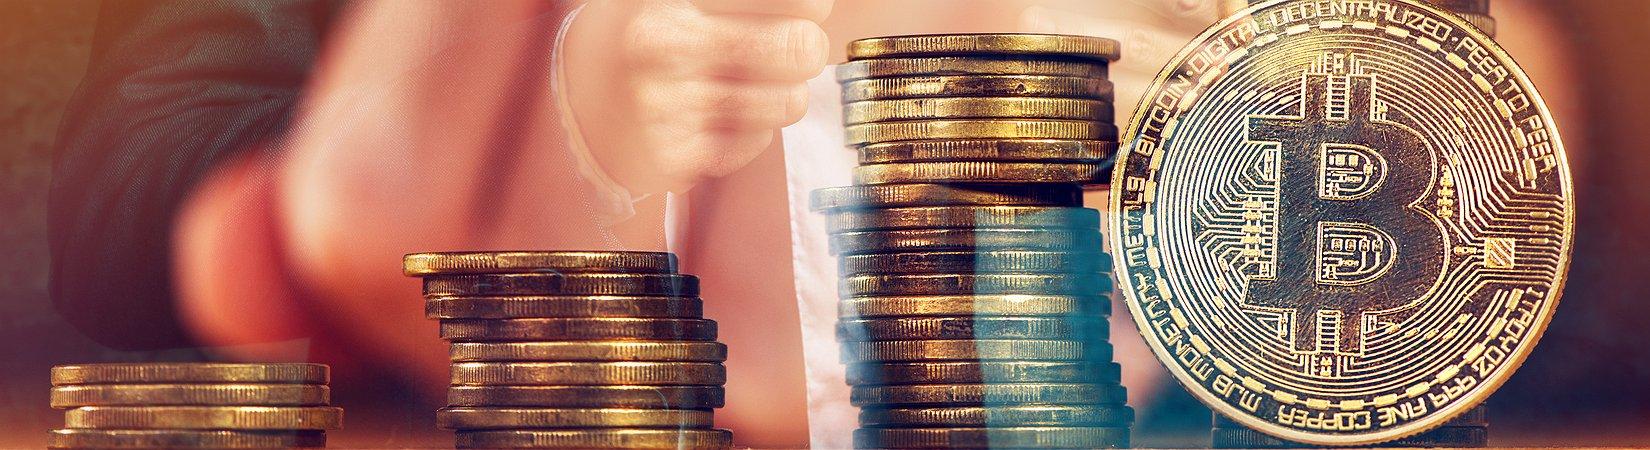 Как институциональные инвесторы обеспечат рост рынку криптовалют